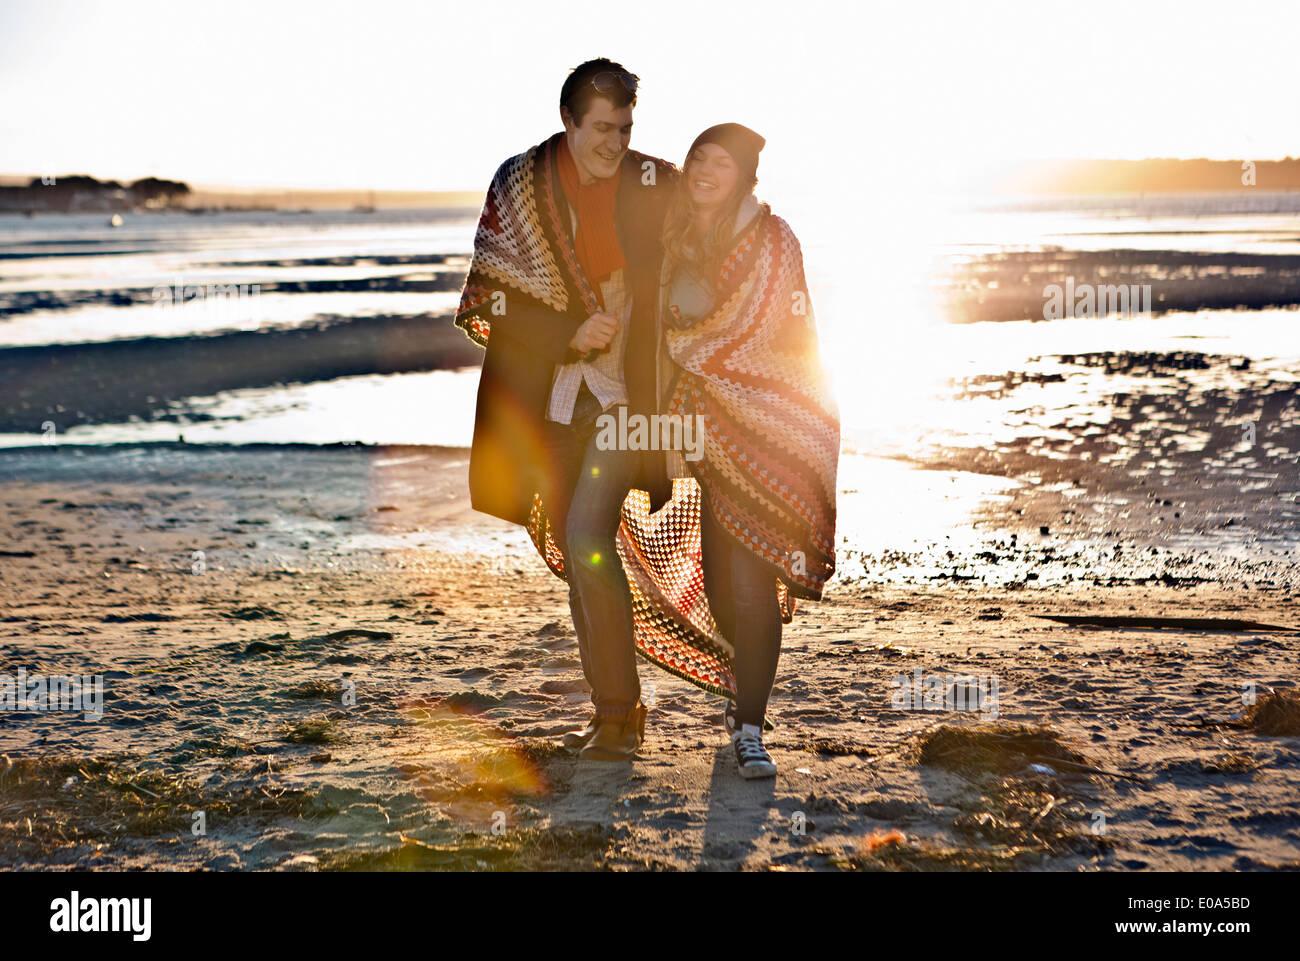 Enveloppé dans une couverture Couple Walking on the beach Photo Stock